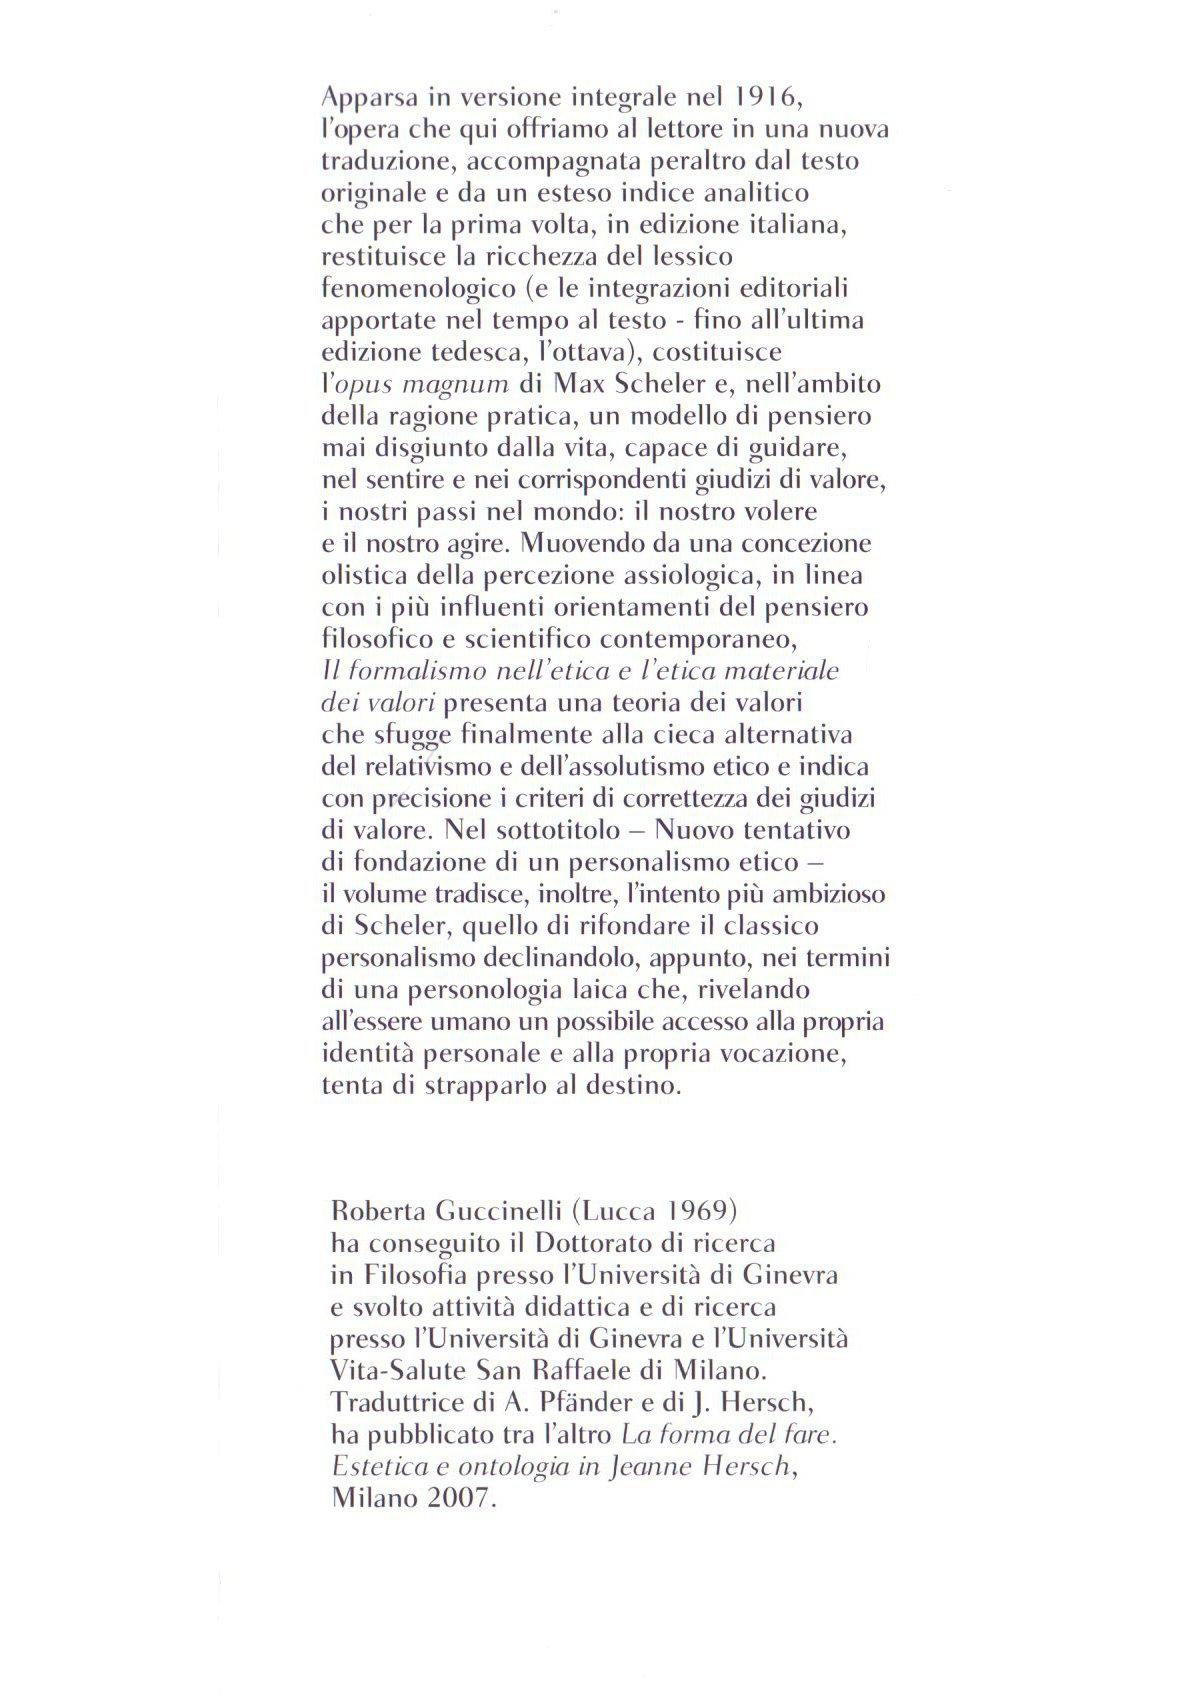 Il formalismo nell'etica e l'etica materiale dei valori.